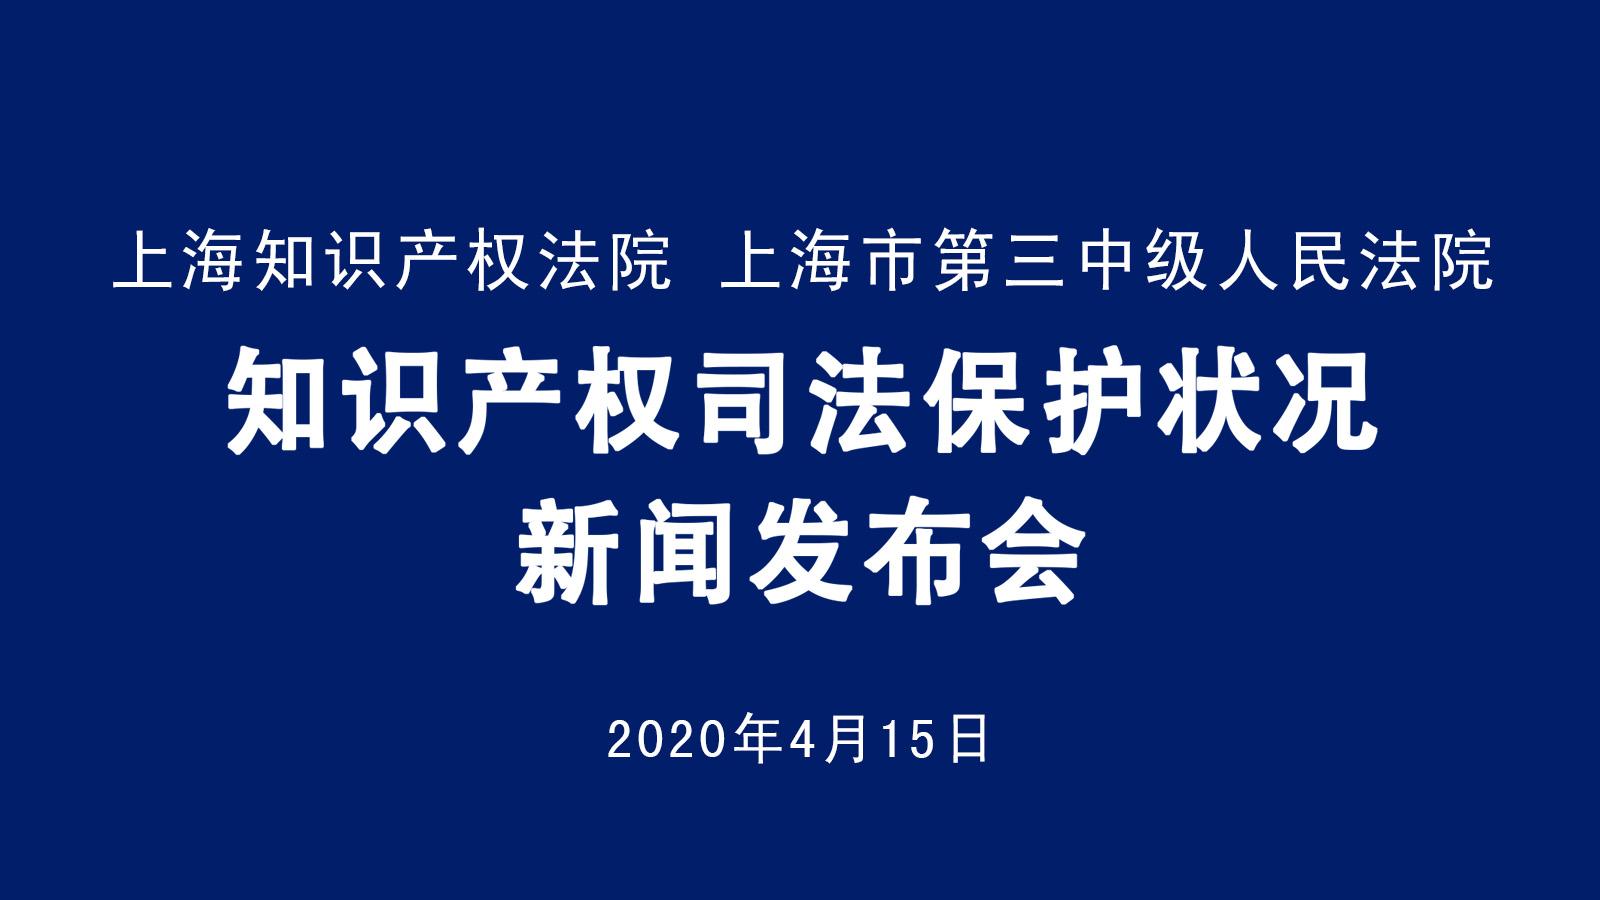 [直播结束] 知识产权司法保护状况新闻发布会